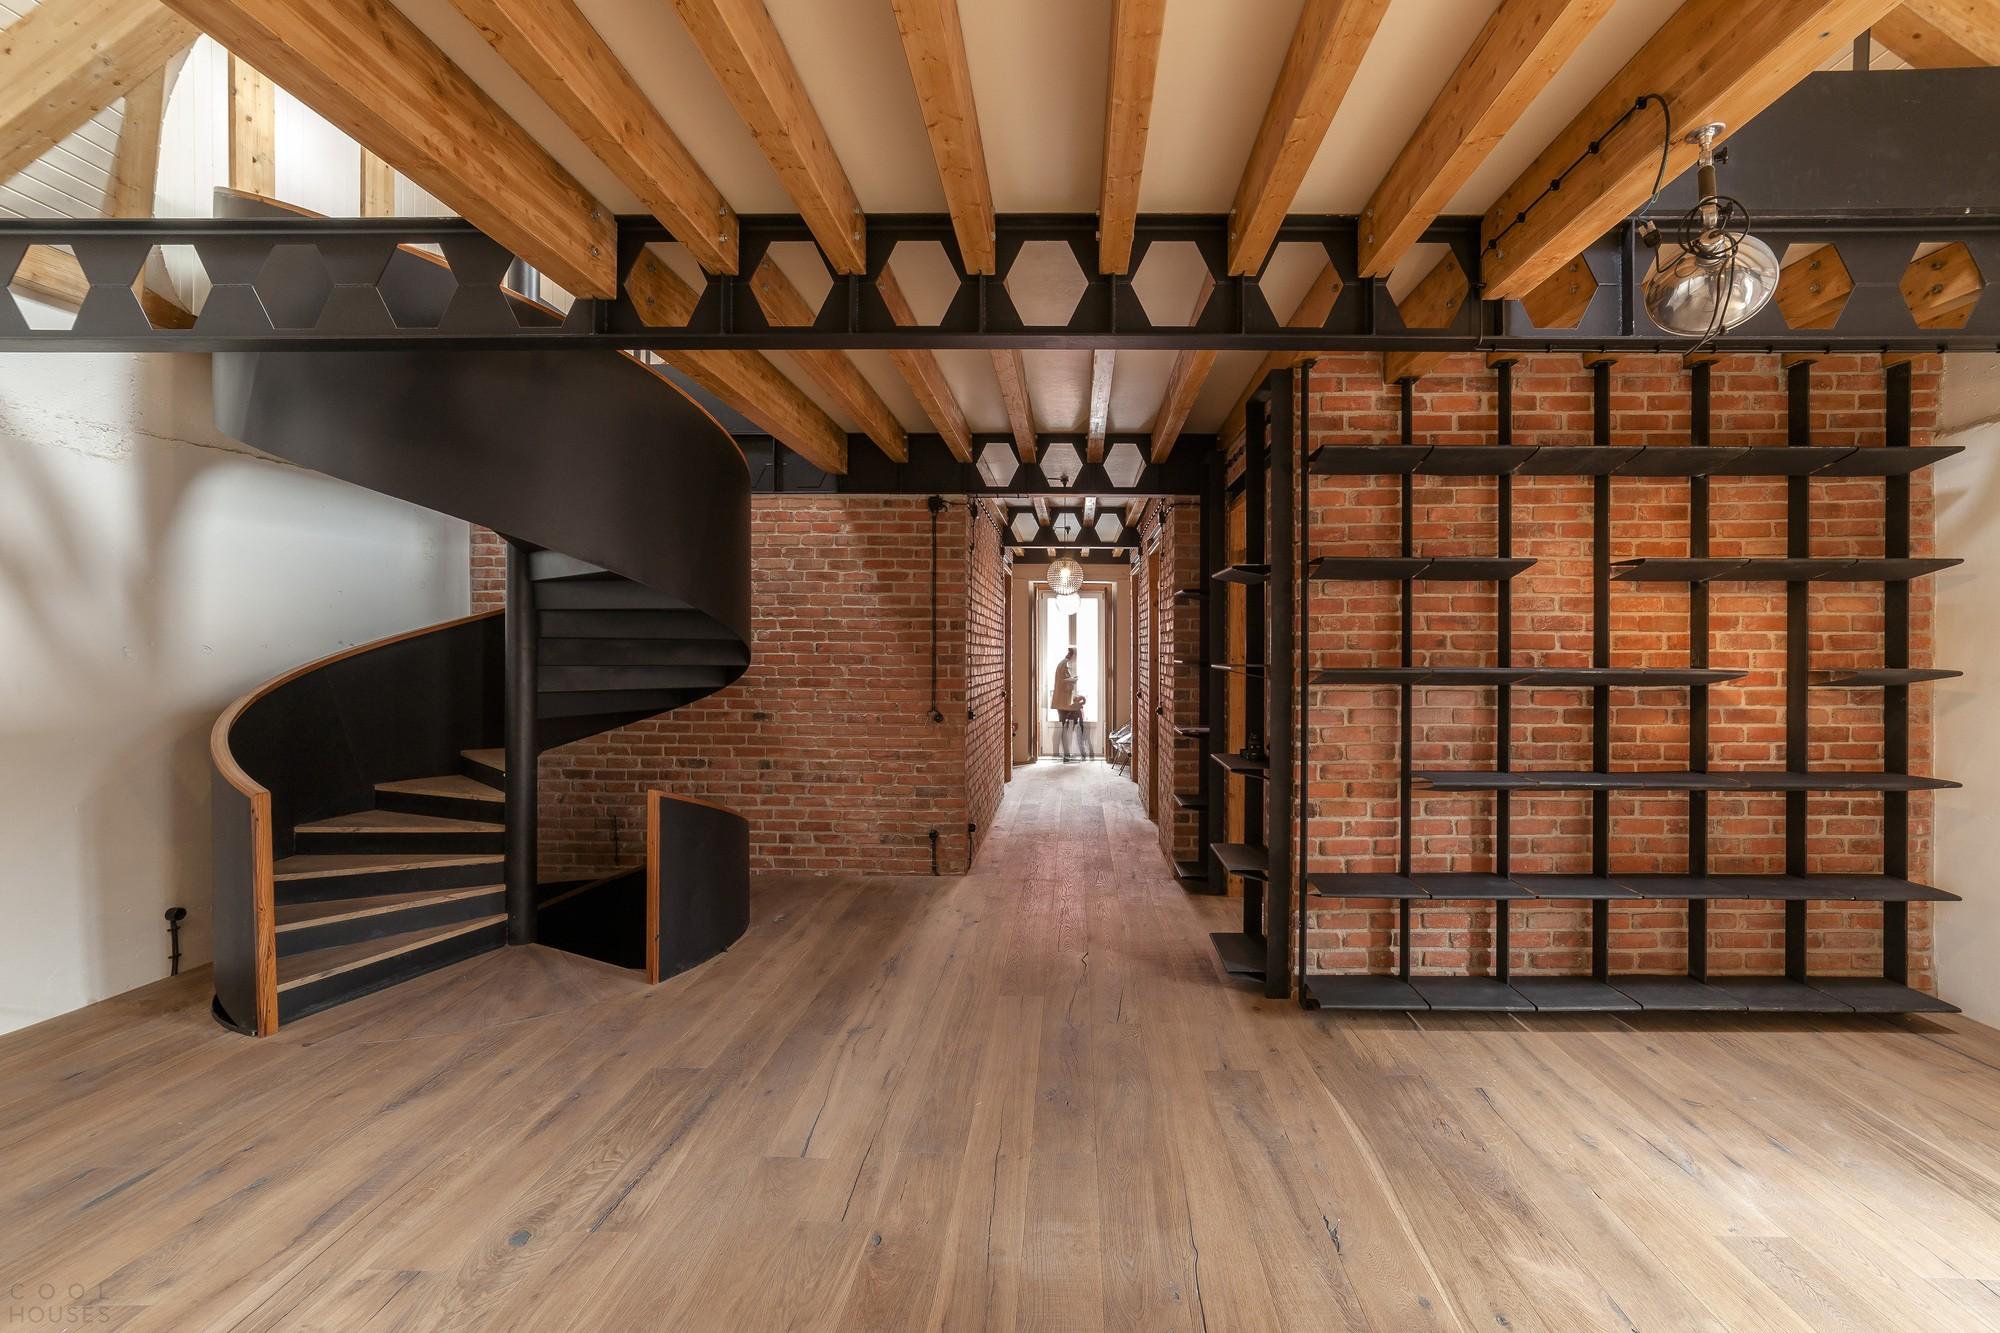 Реконструкция старинного здания в современные промышленные апартаменты